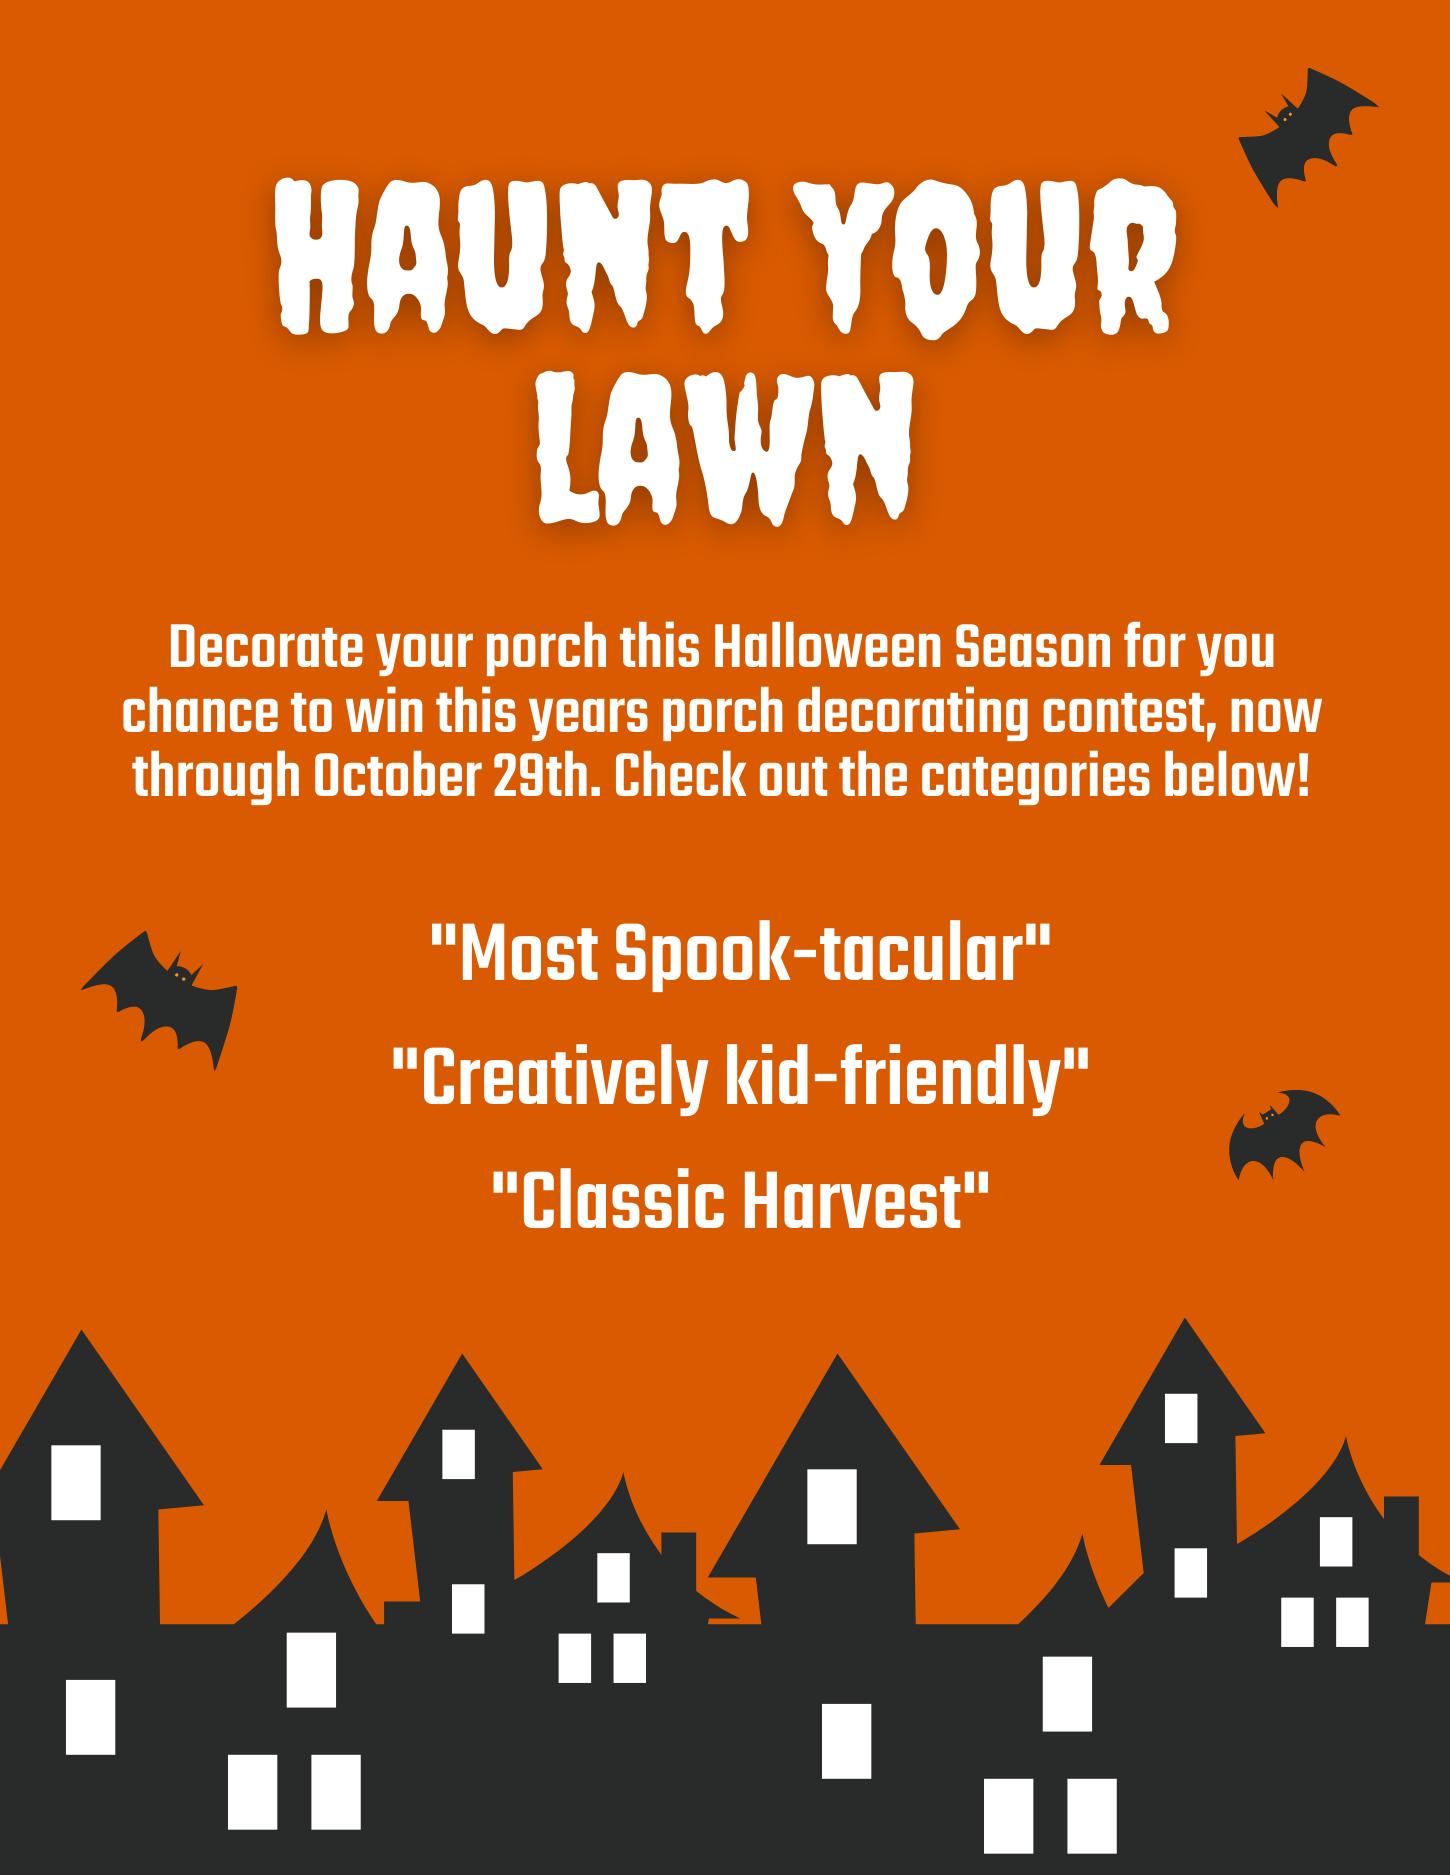 Haunt Your Lawn